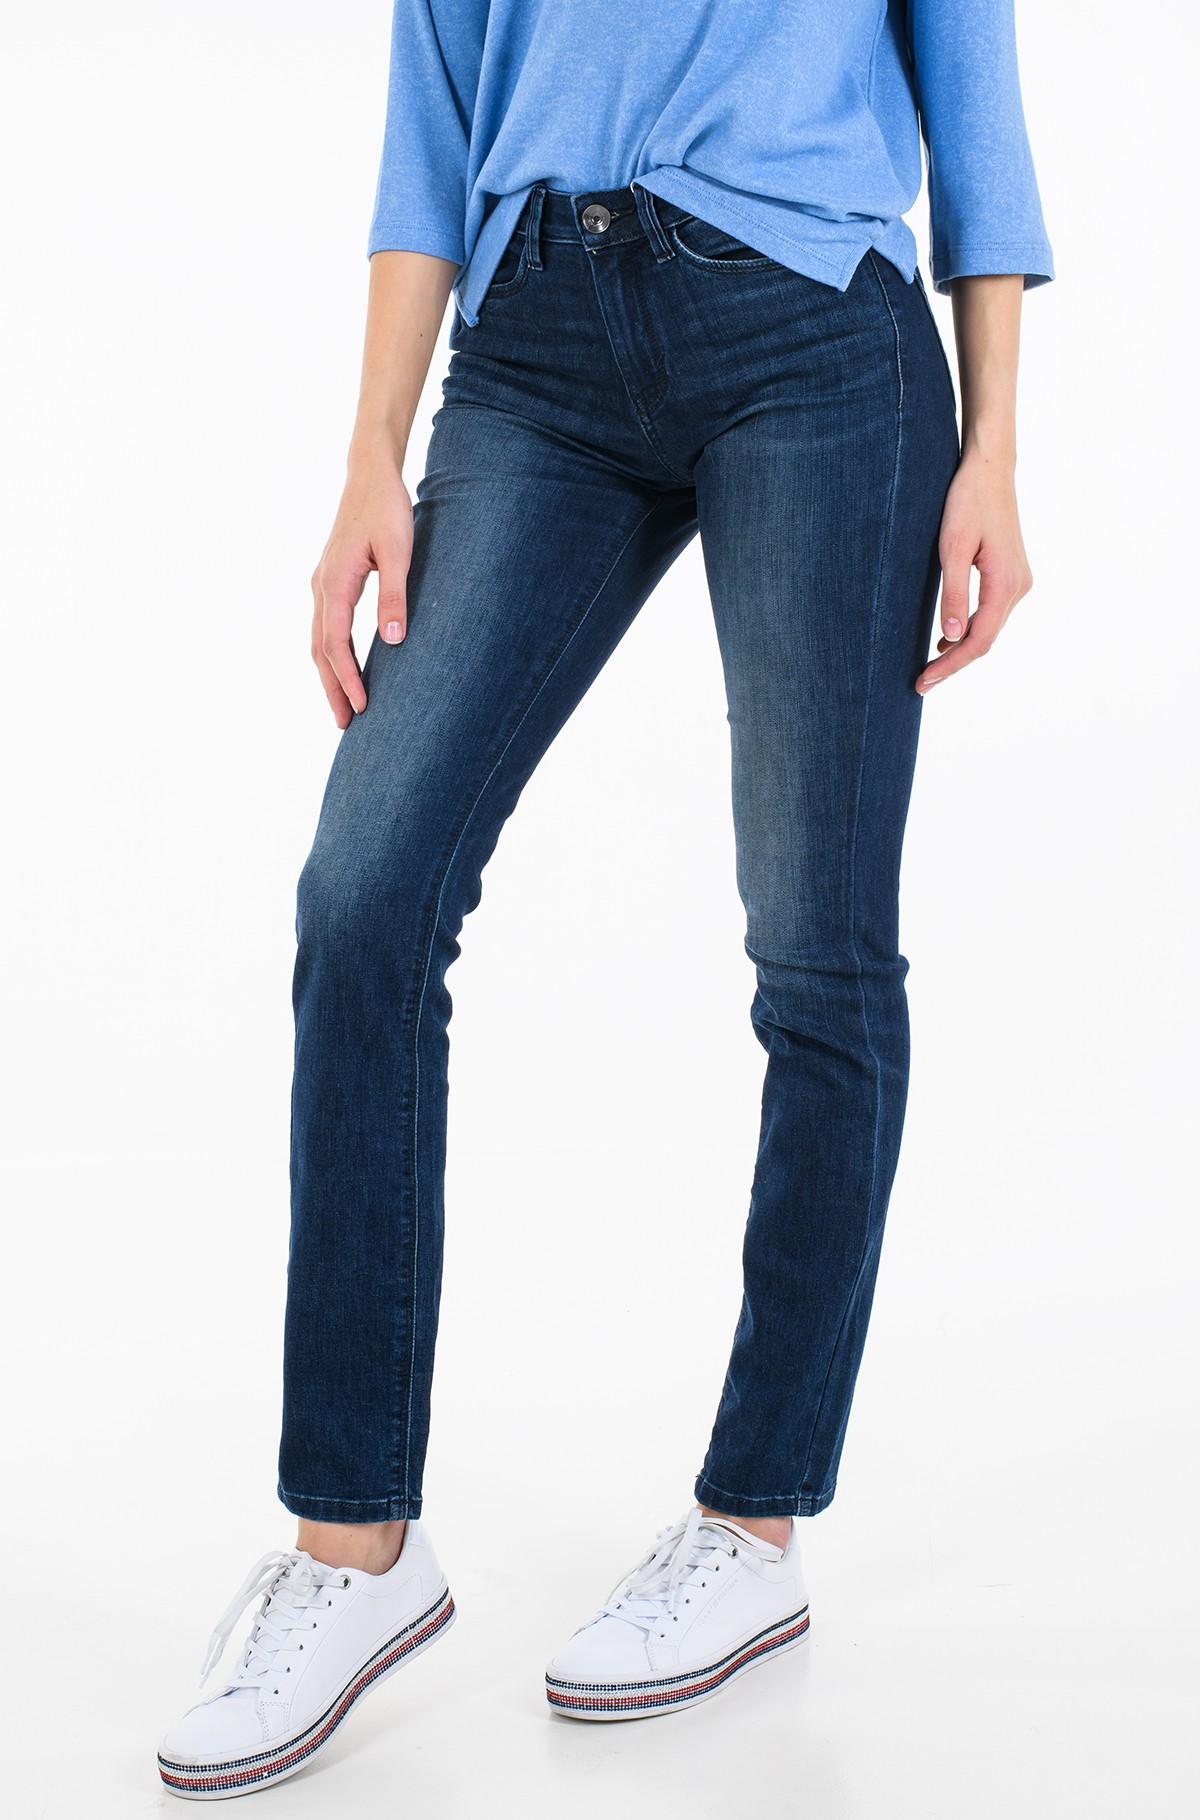 Jeans 1021702-full-1